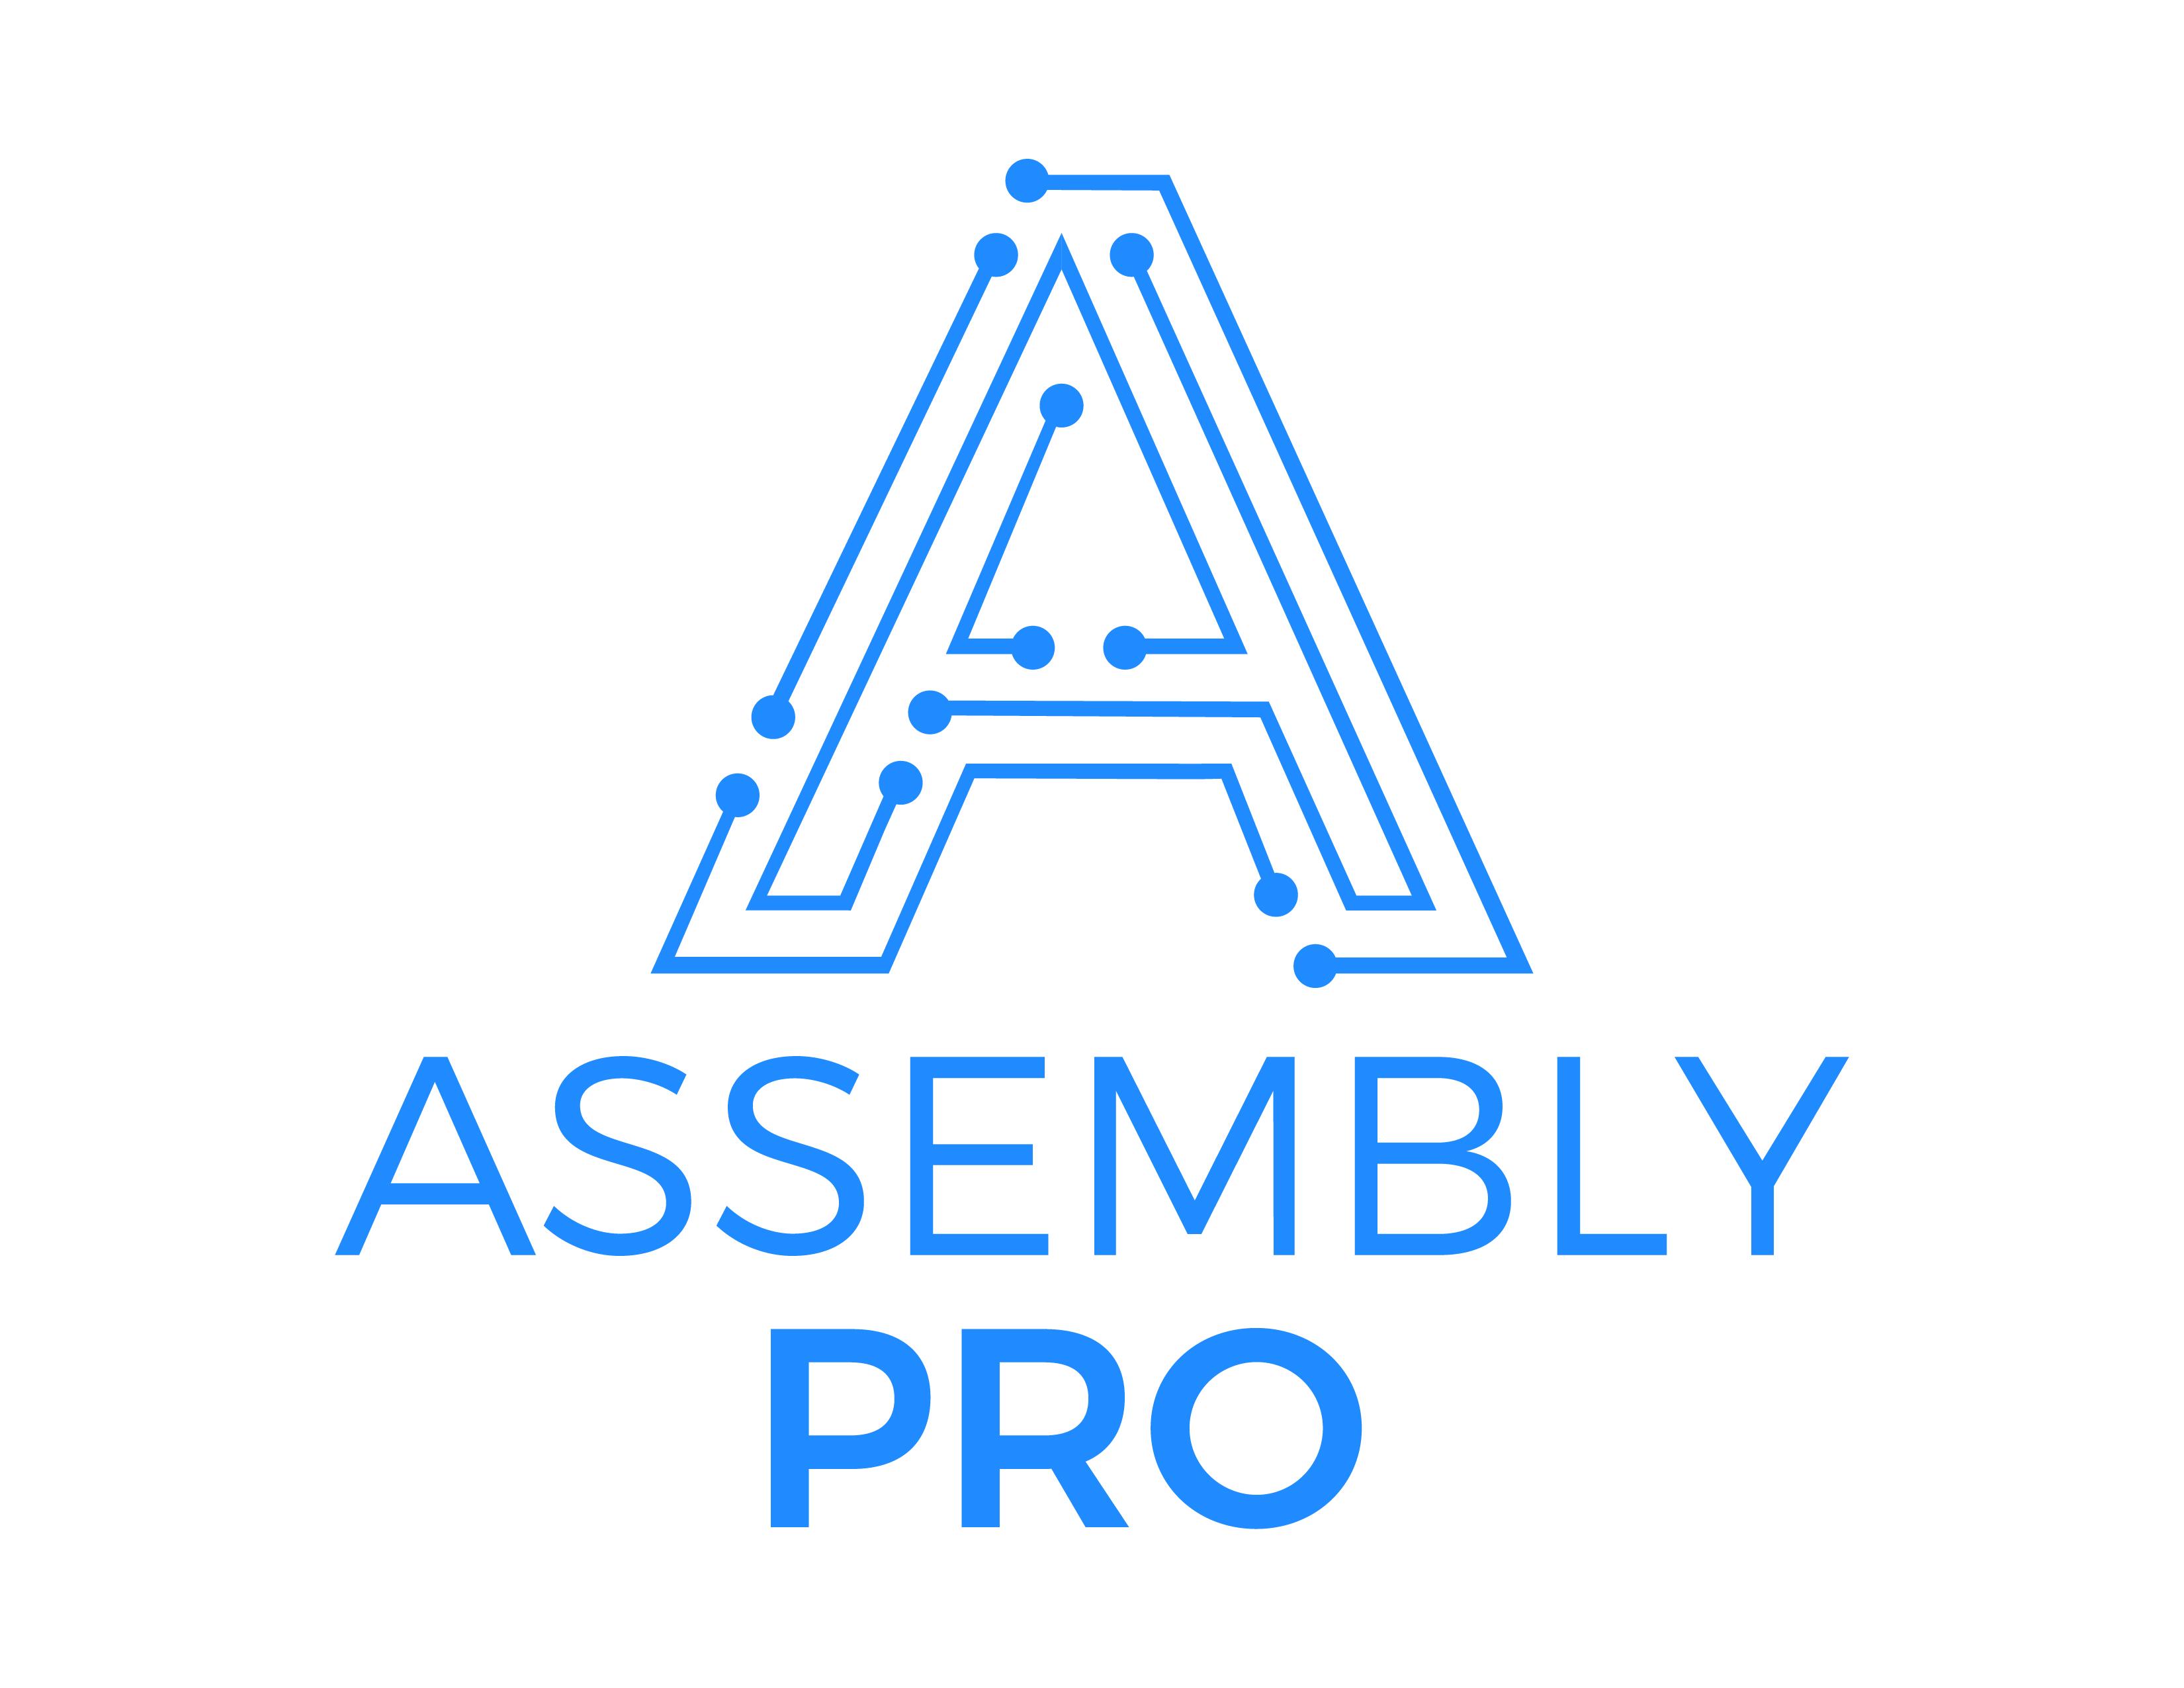 Assembly Pro